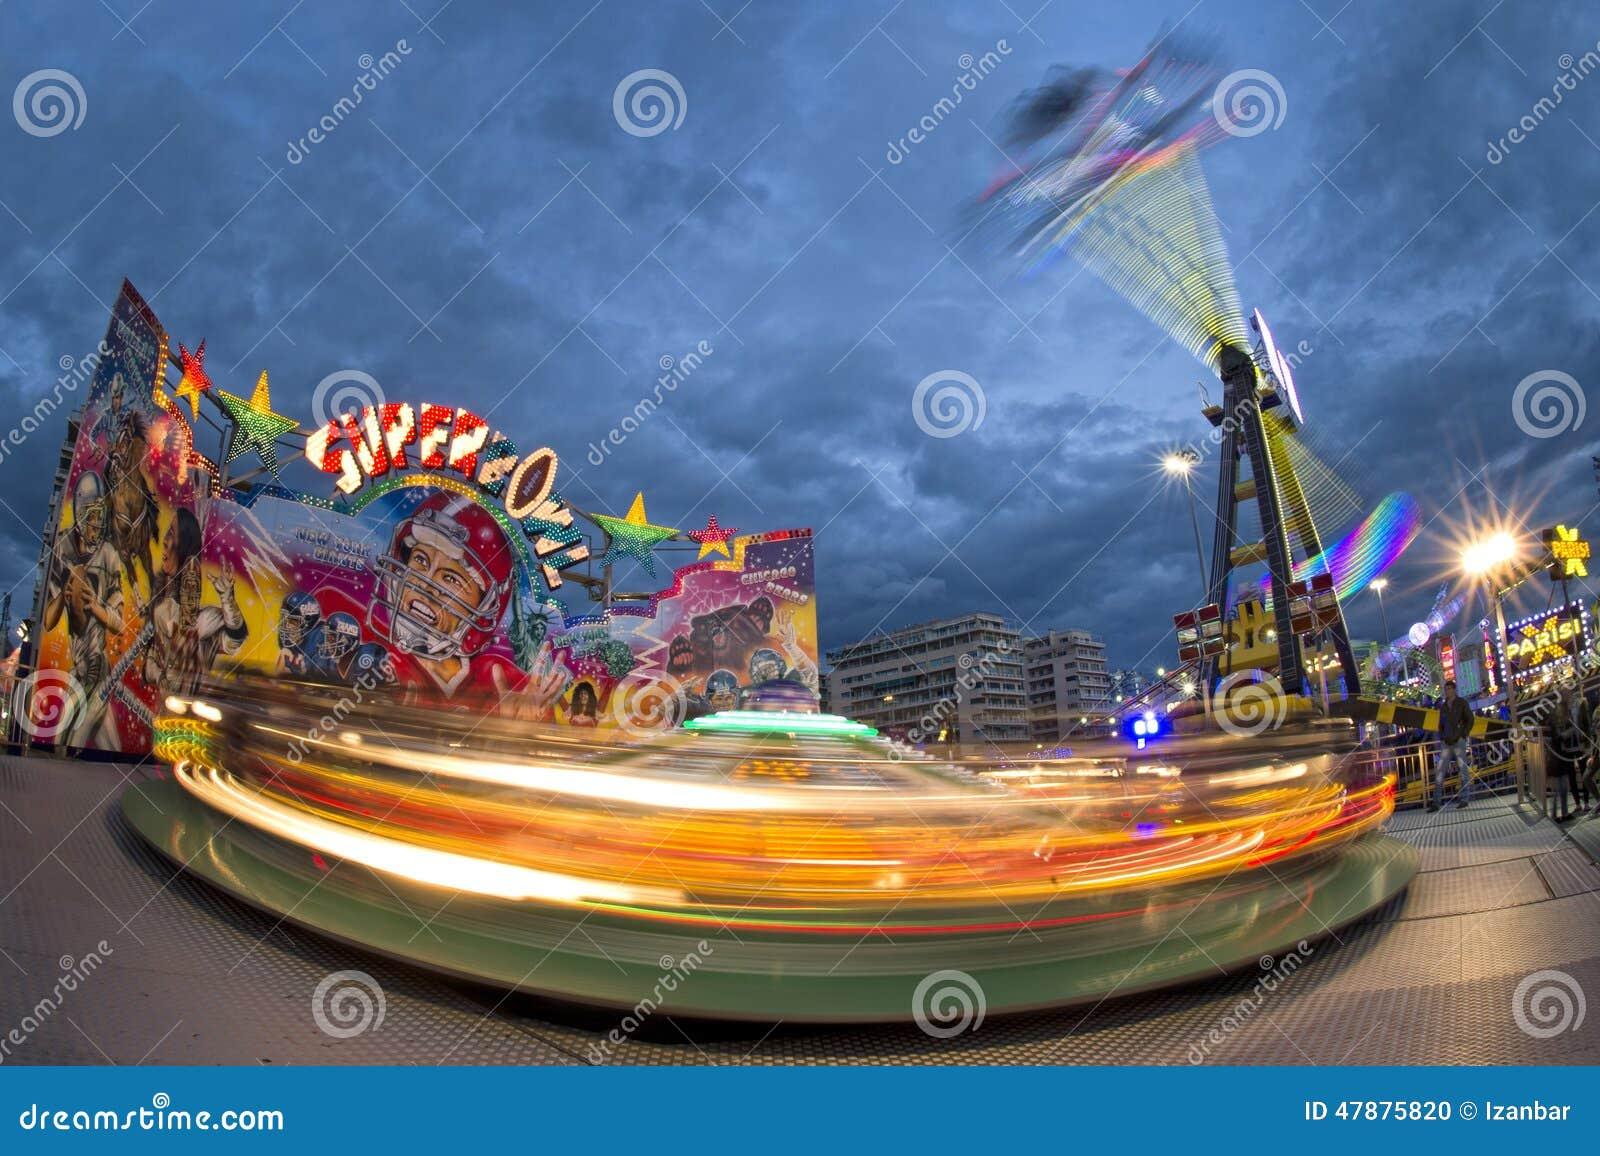 Bewegliches Karussell Spaß-Messe-Karnevals-Luna Parks